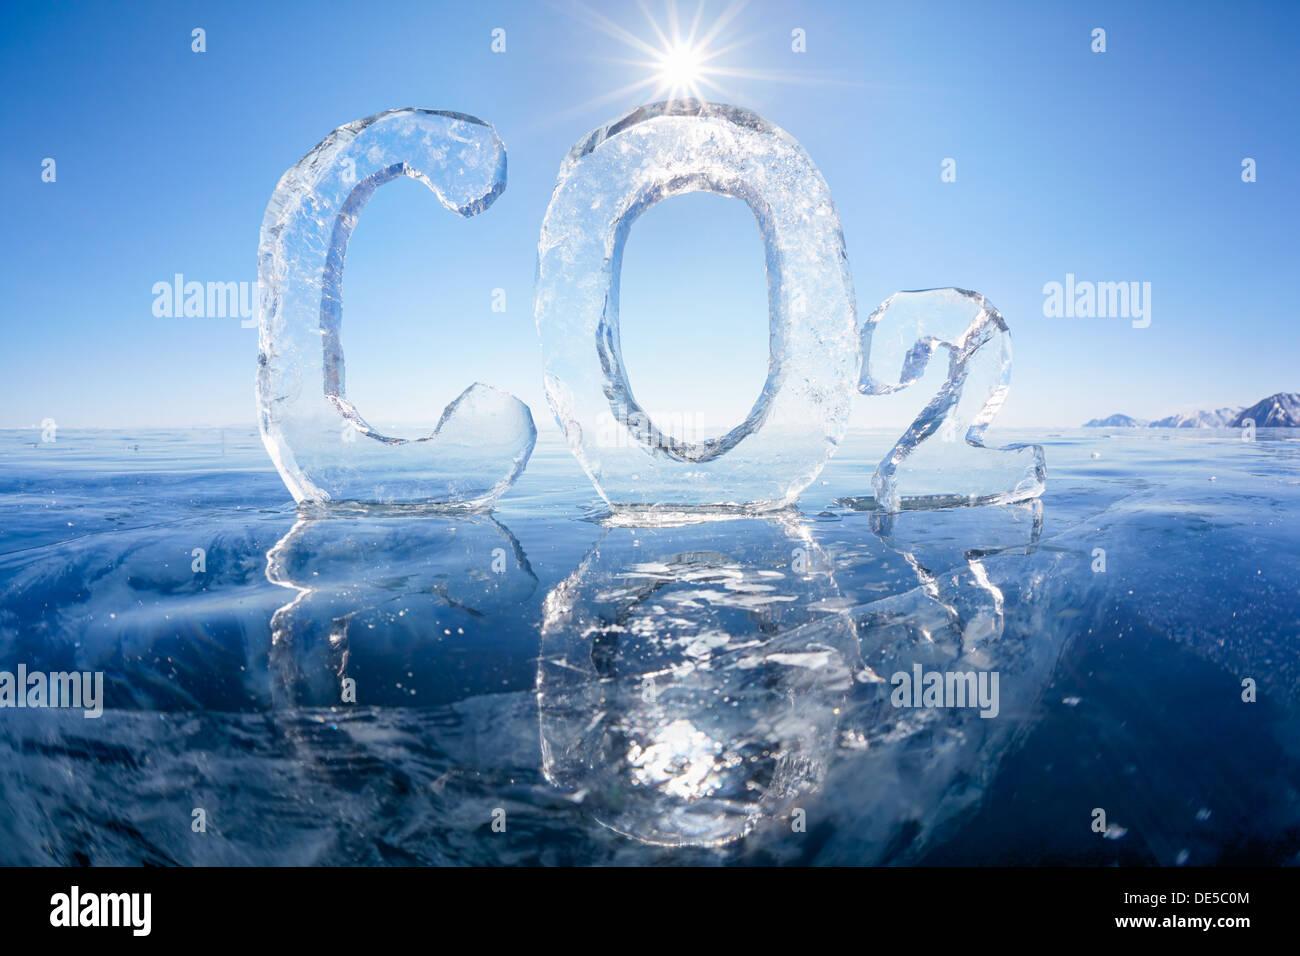 Fórmula química del gas de efecto invernadero dióxido de carbono (CO2) hecha de hielo en invierno el lago Baikal congelado bajo un cielo azul y los rayos solares Imagen De Stock